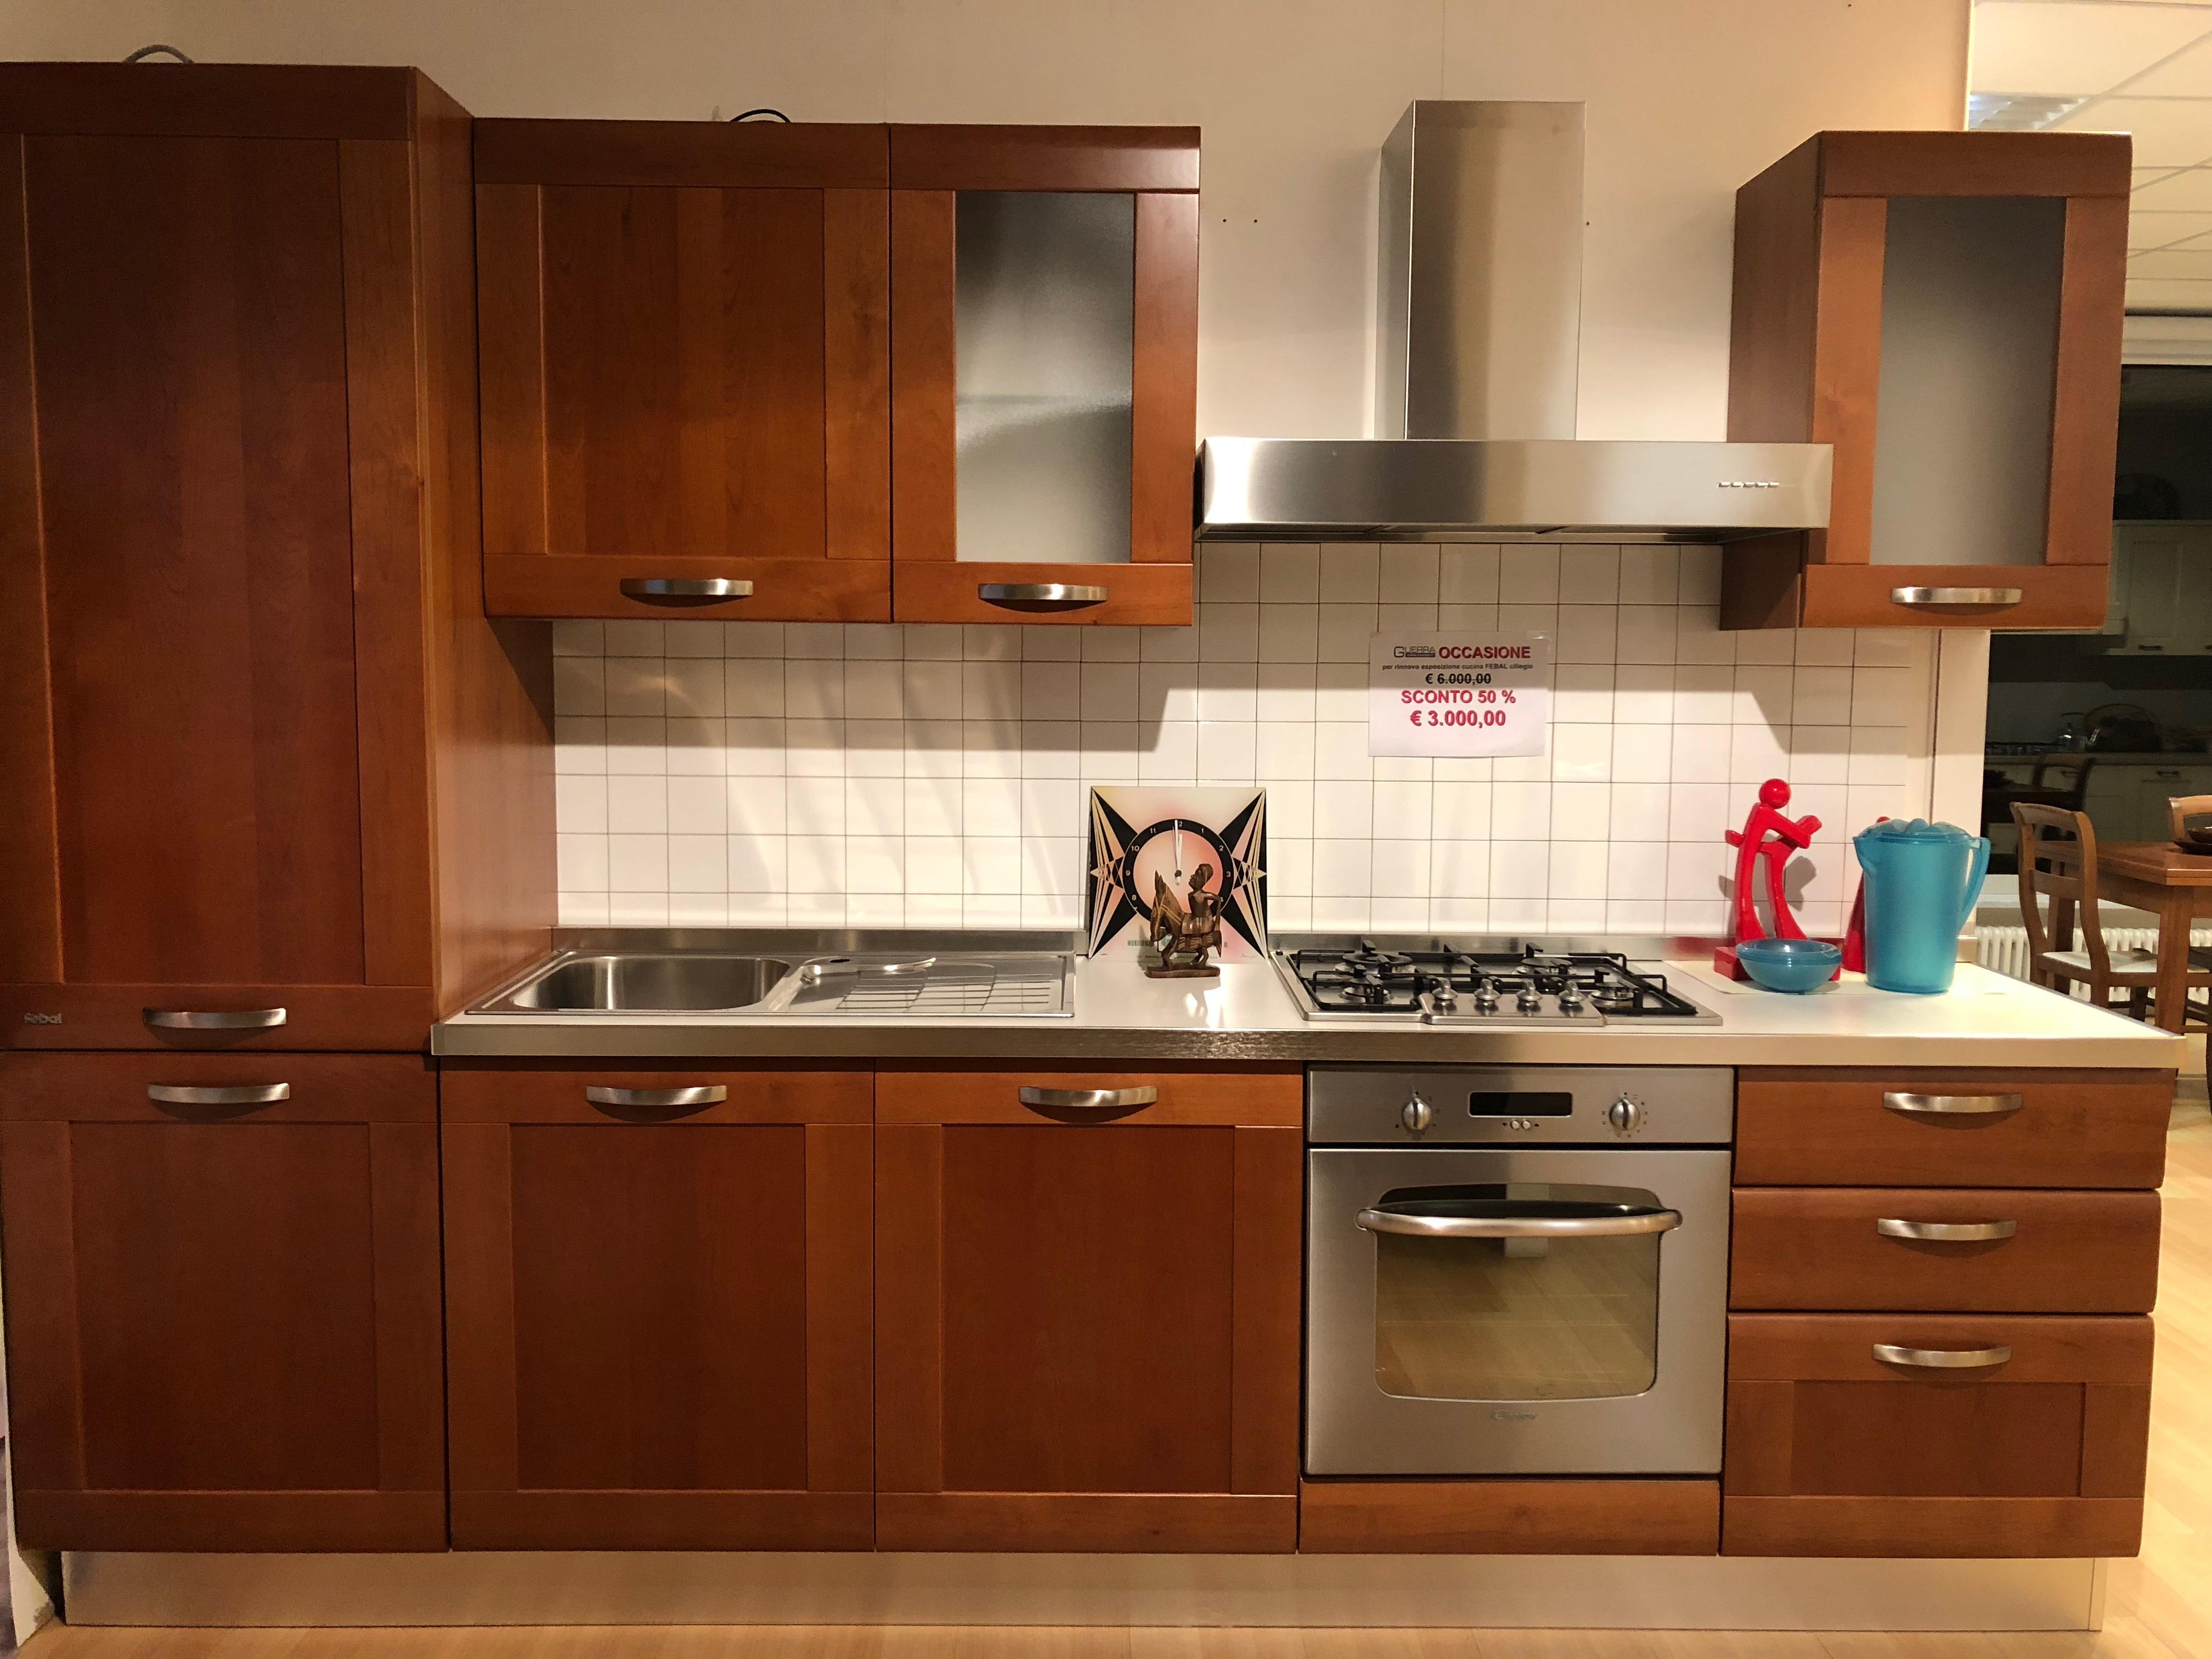 Cucine Moderne In Ciliegio.Cucina Febal Ciliegio Arredamenti Guerra